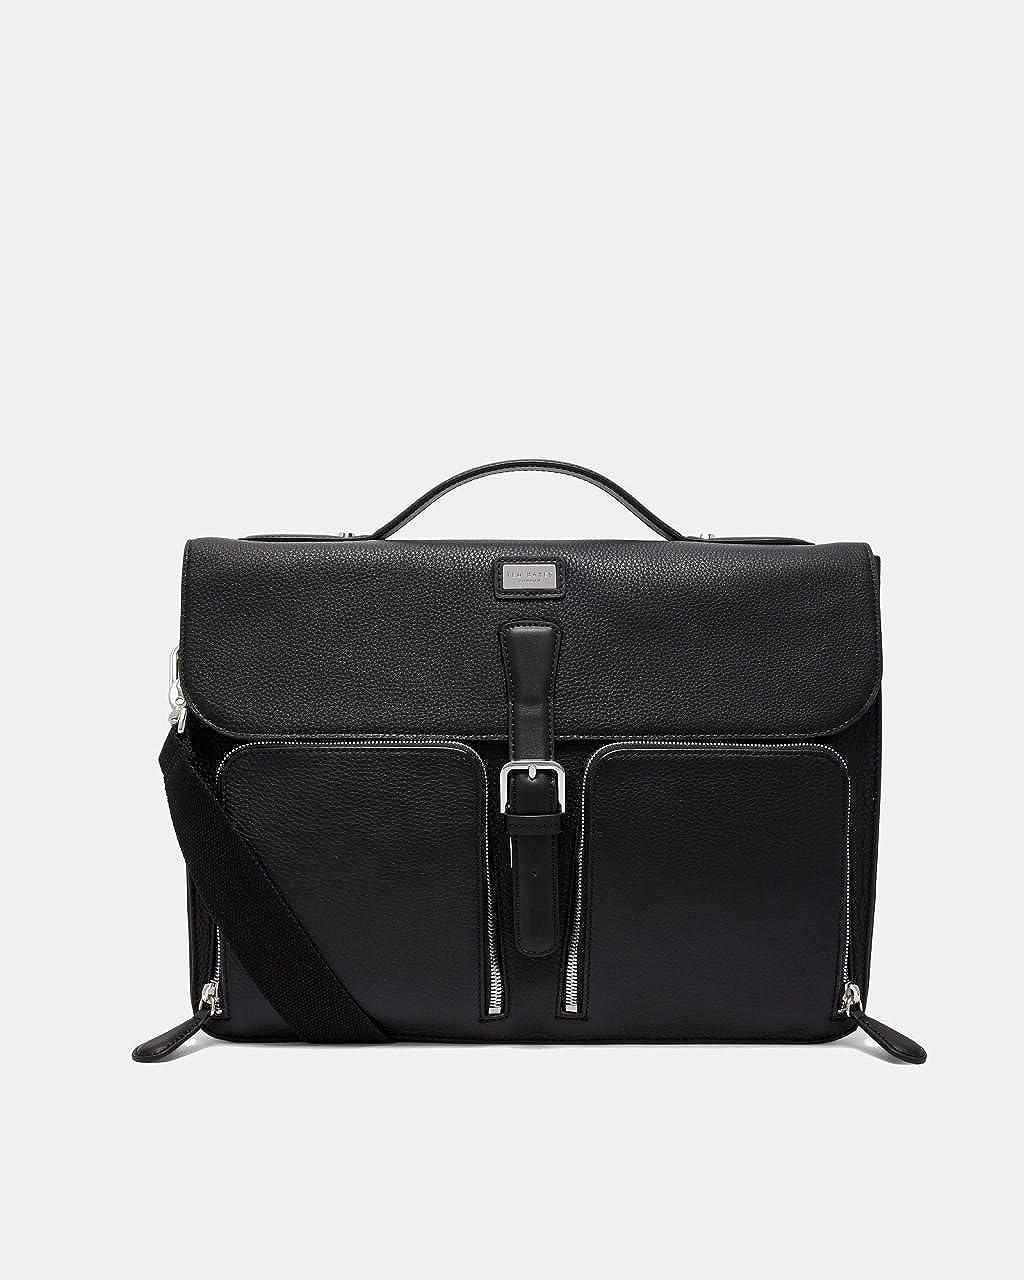 (テッドベーカー) TED BAKER LONDON Men`s Munch Leather satchel Bag メンズムンクレザーバッグ(並行輸入品) One Size ブラック B07BDMMFYR